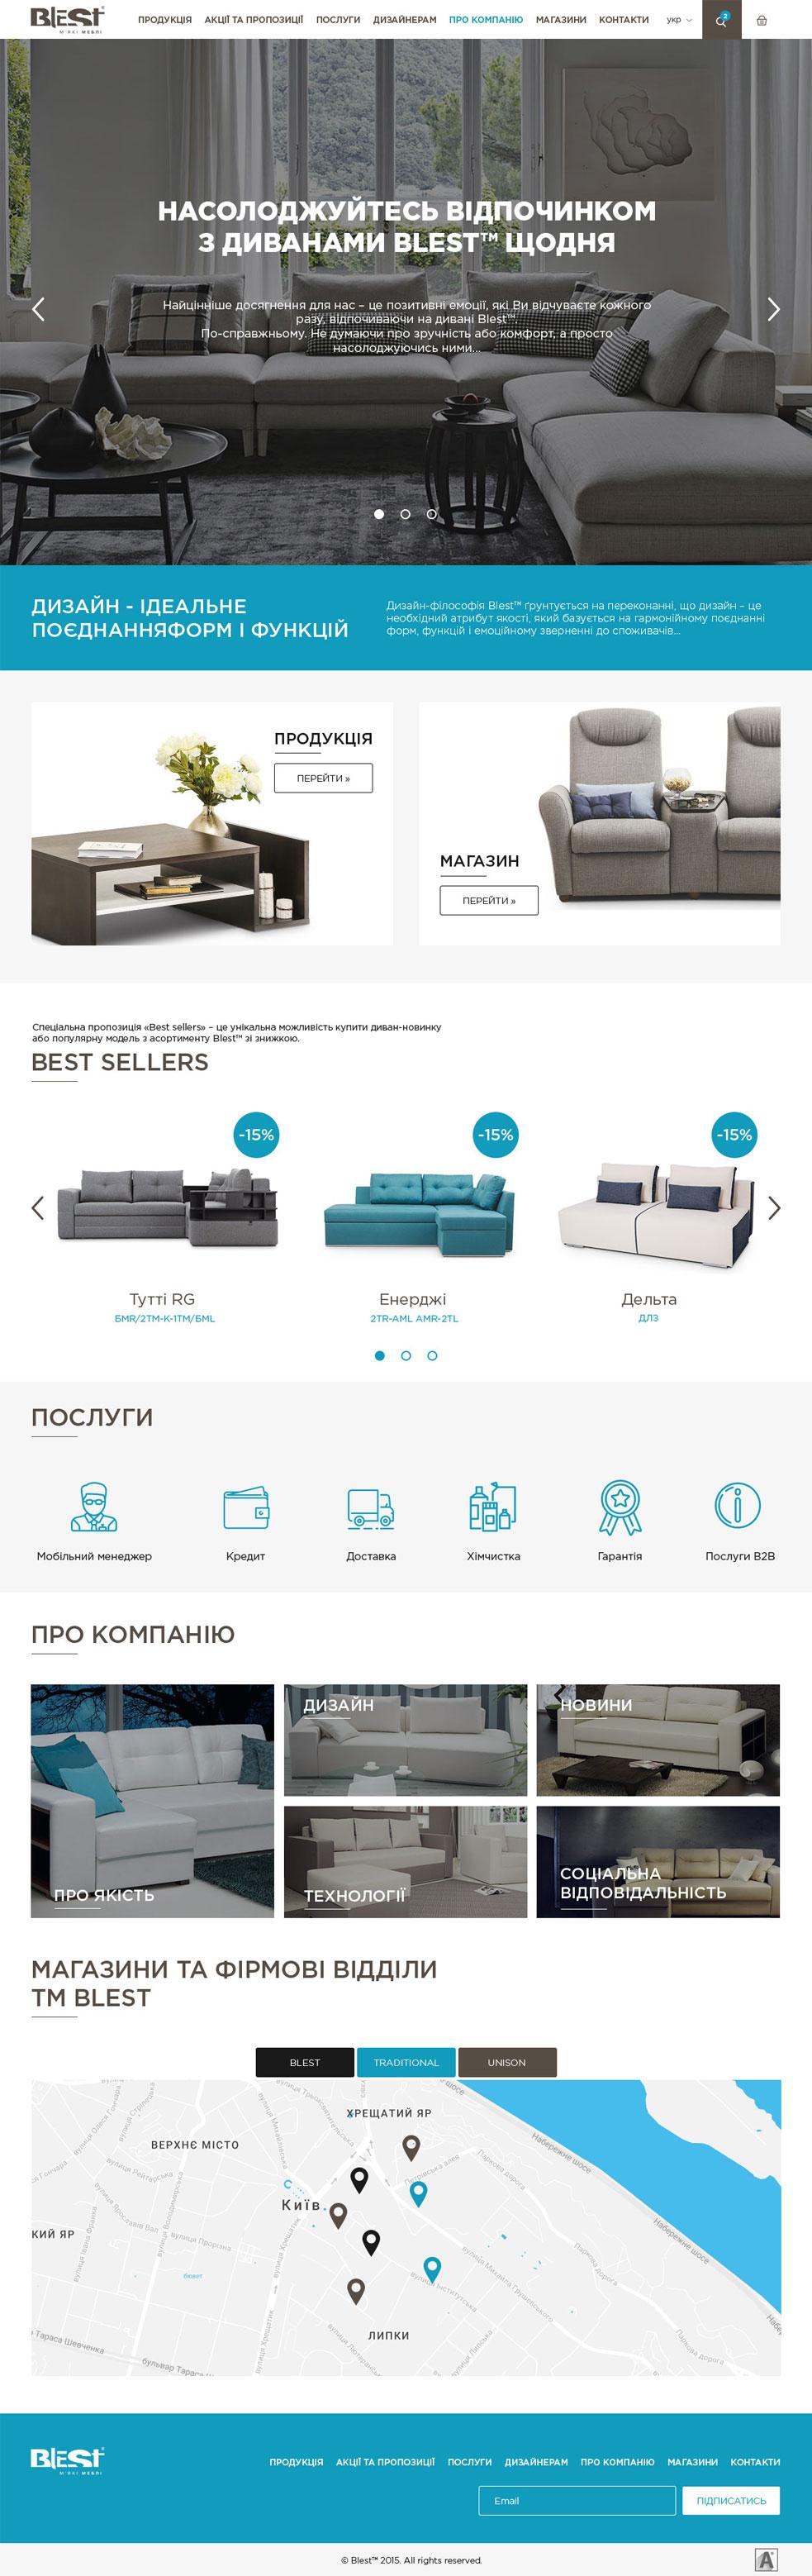 Мебельная компания «Blest»